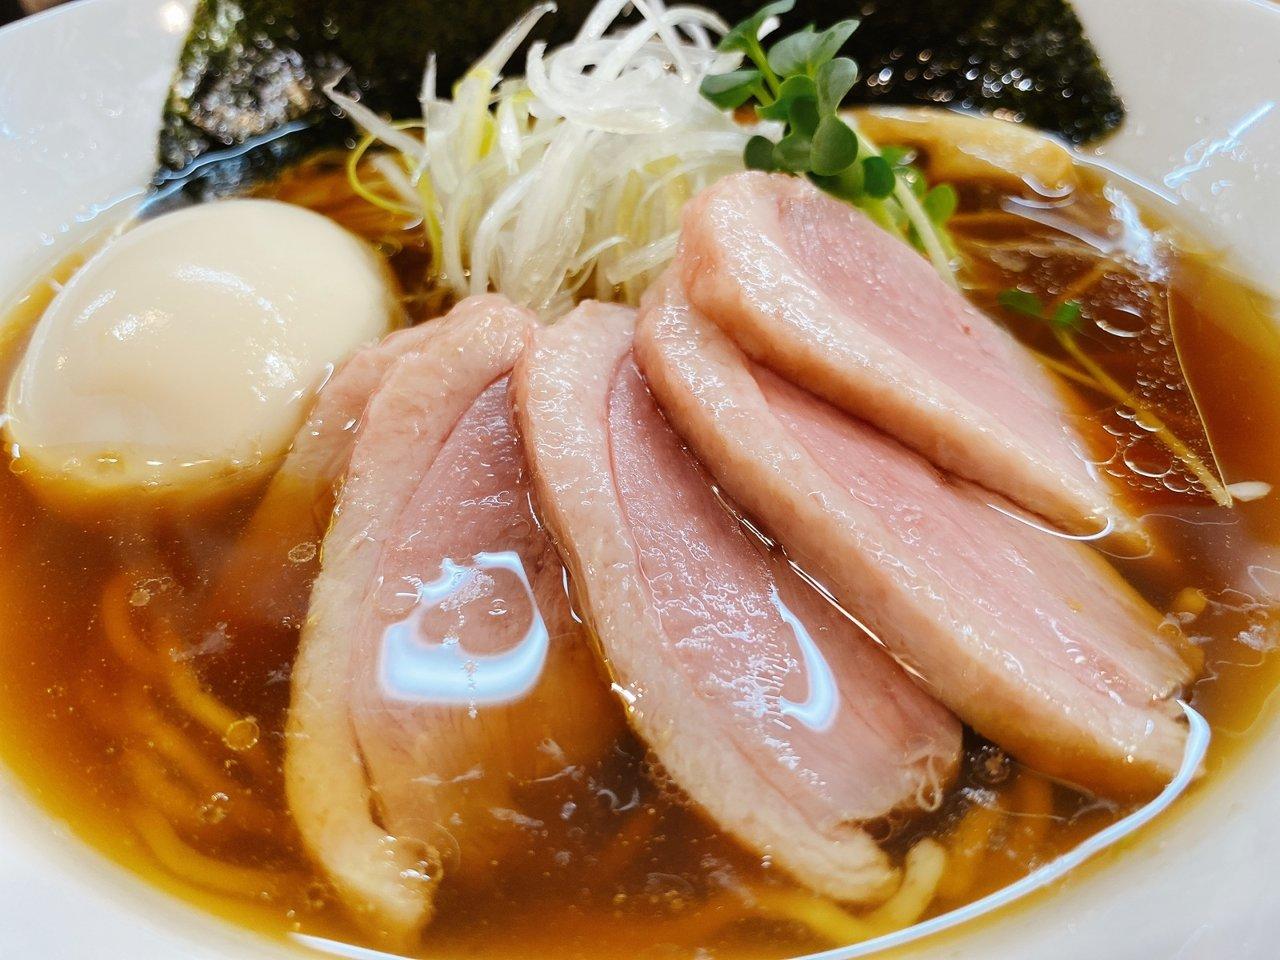 東京ローカルのおいしいラーメンがたべたい 鴨だししょうゆラーメン